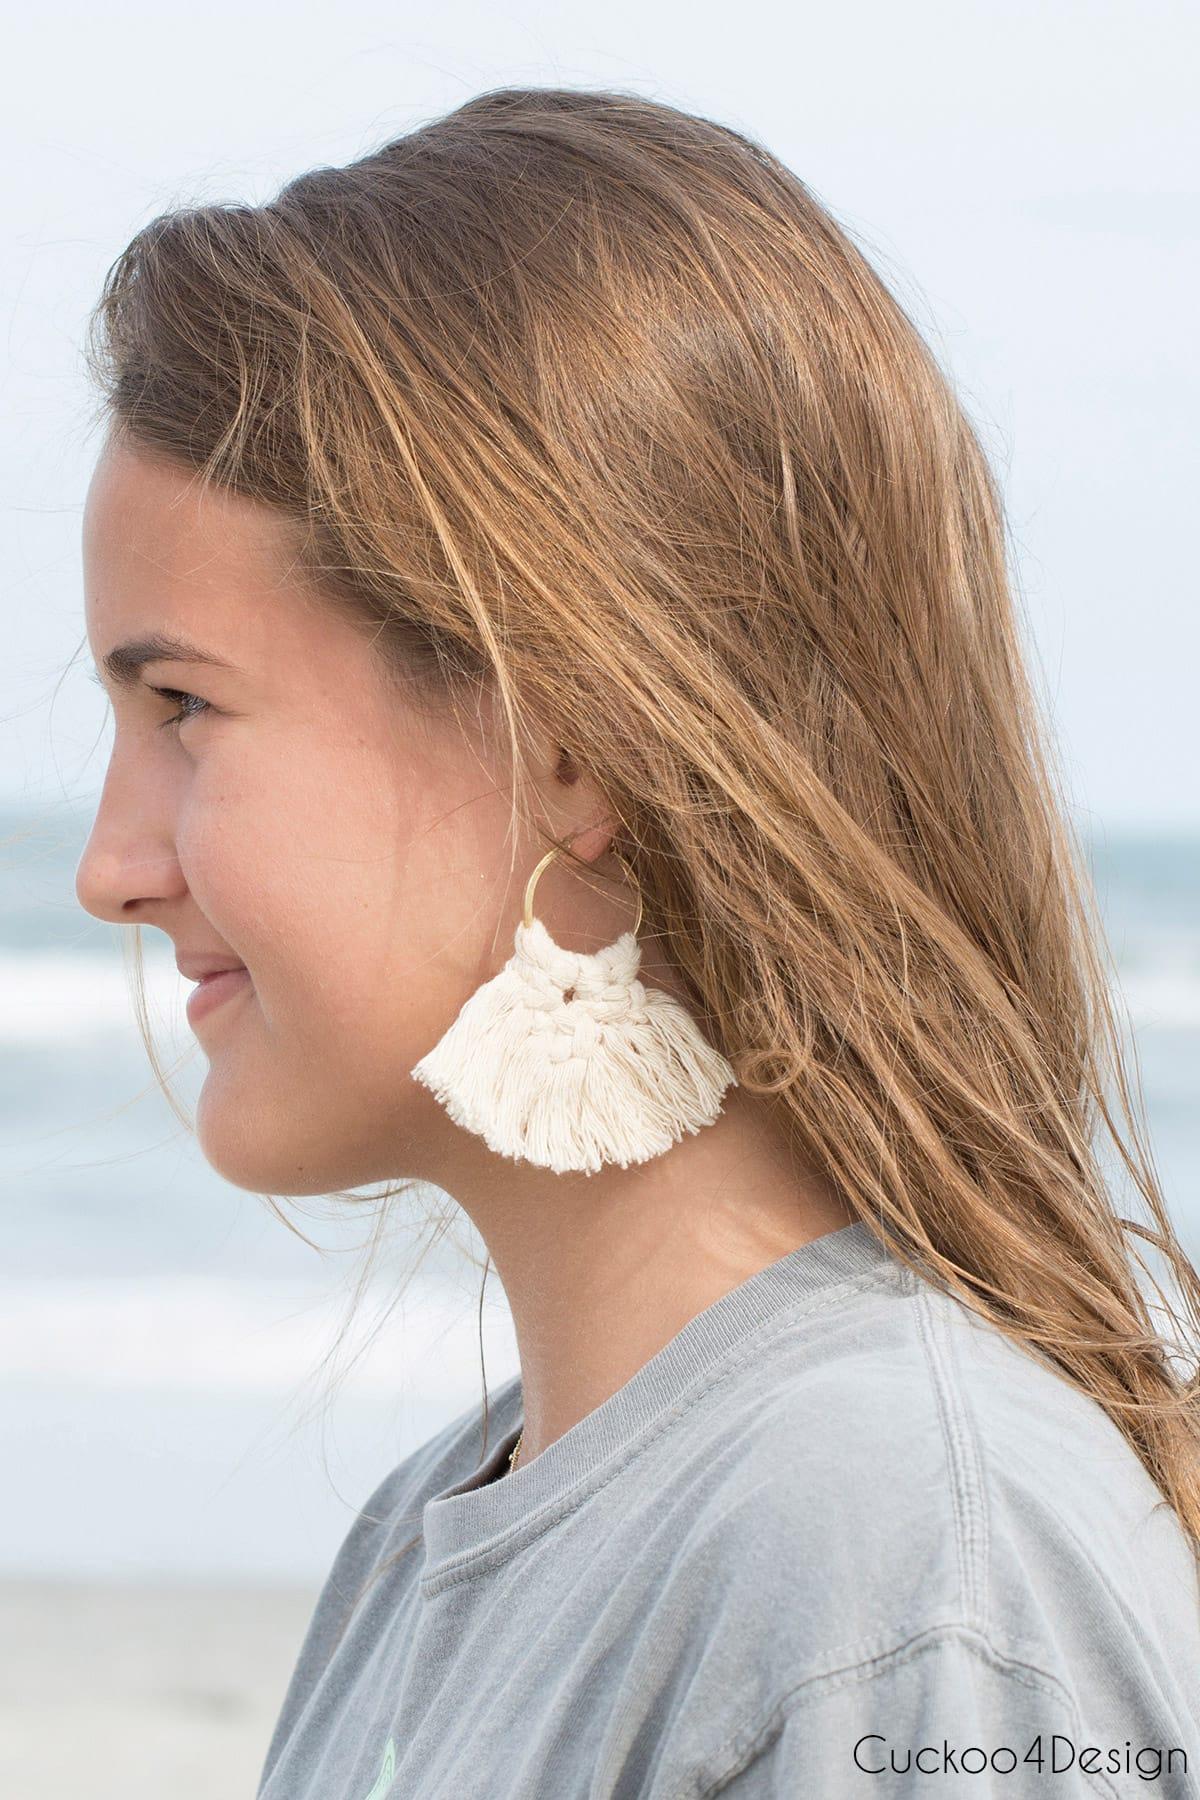 wearing macrame earrings